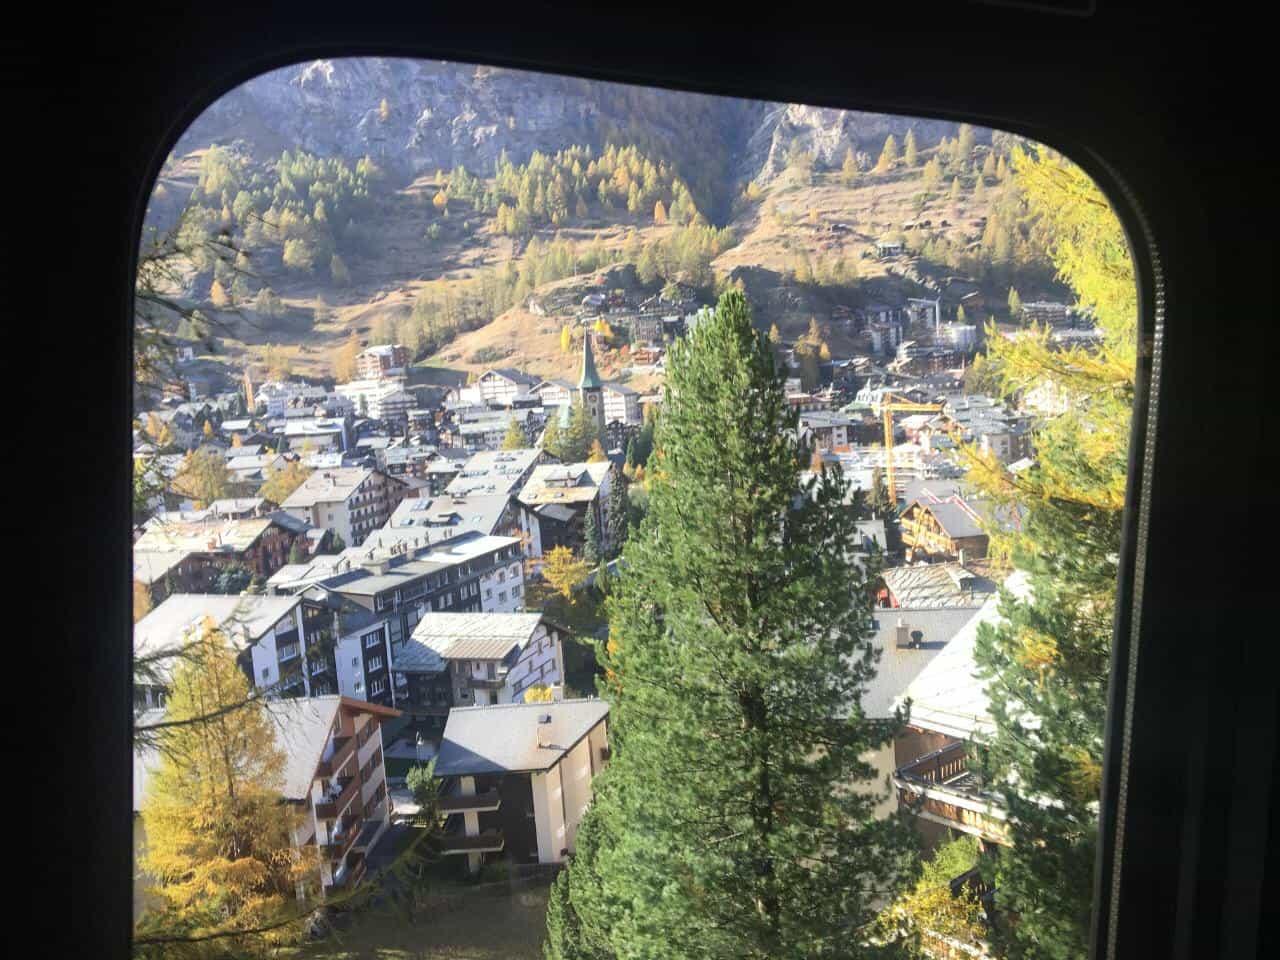 Pricipalmente, Vistas imperdíveis no percurso do Gornergrat-Zermatt